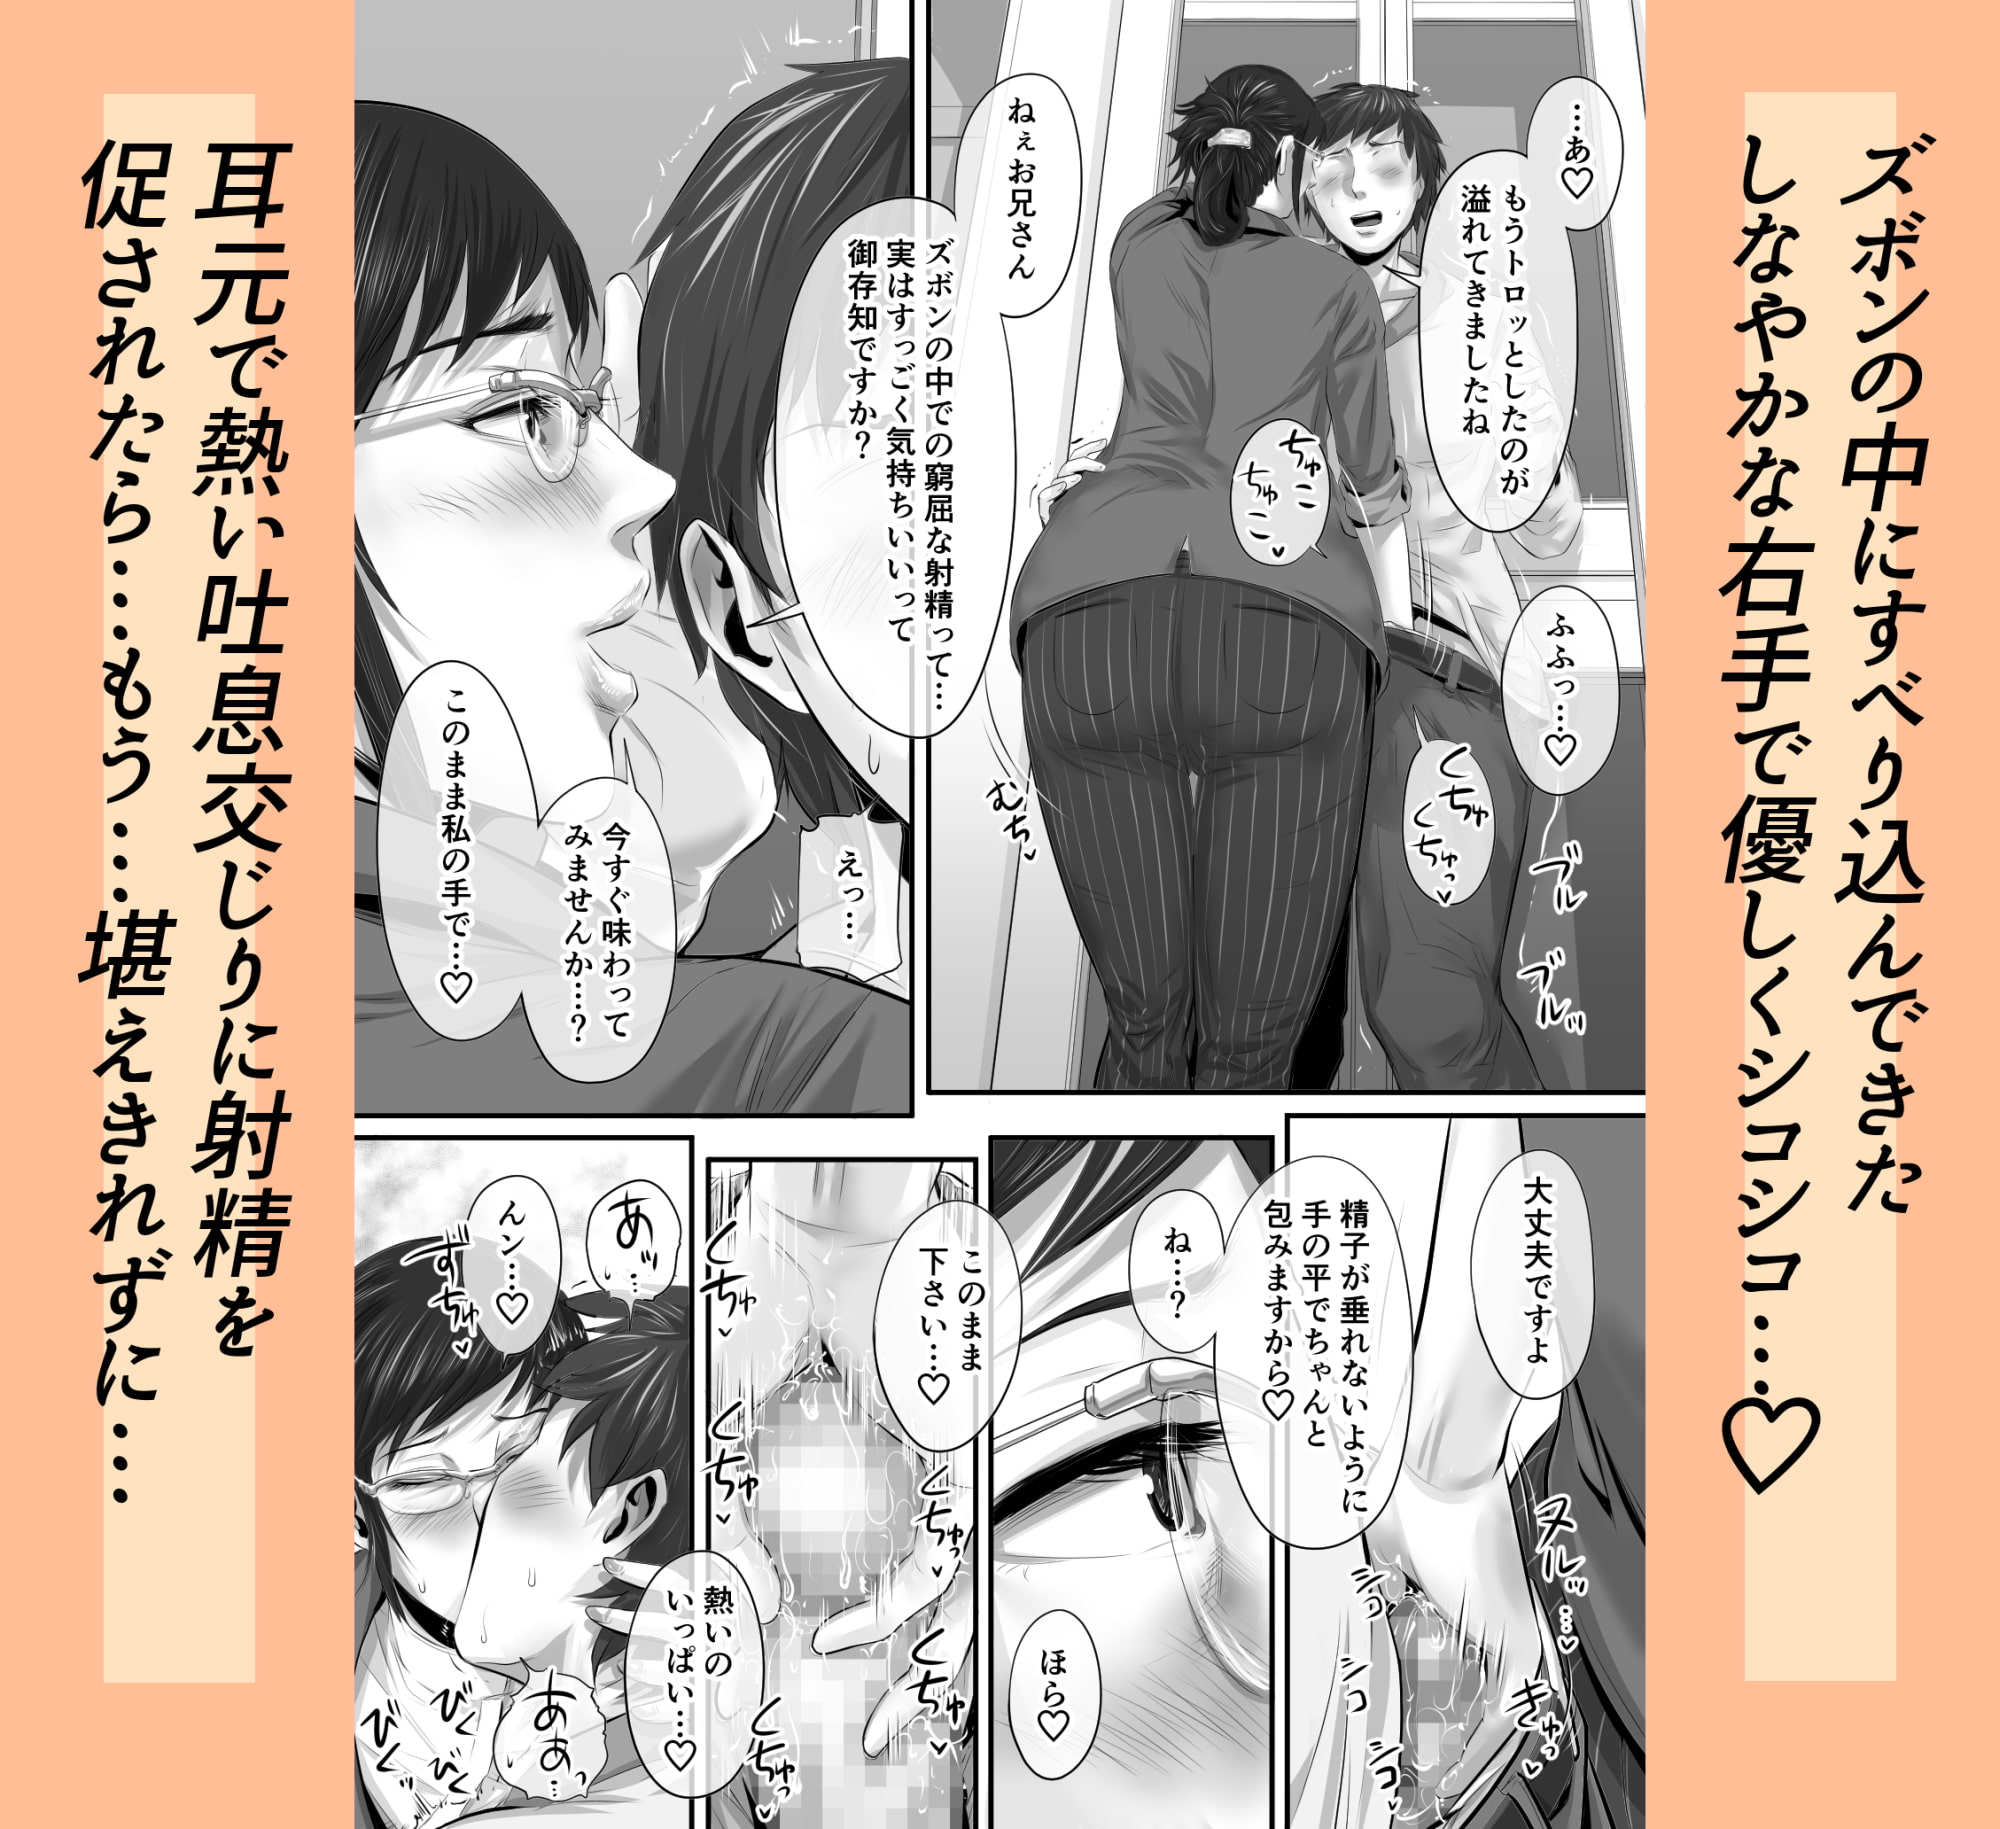 オナクラ イこうよッ5 橘みちる フェチプレイ編